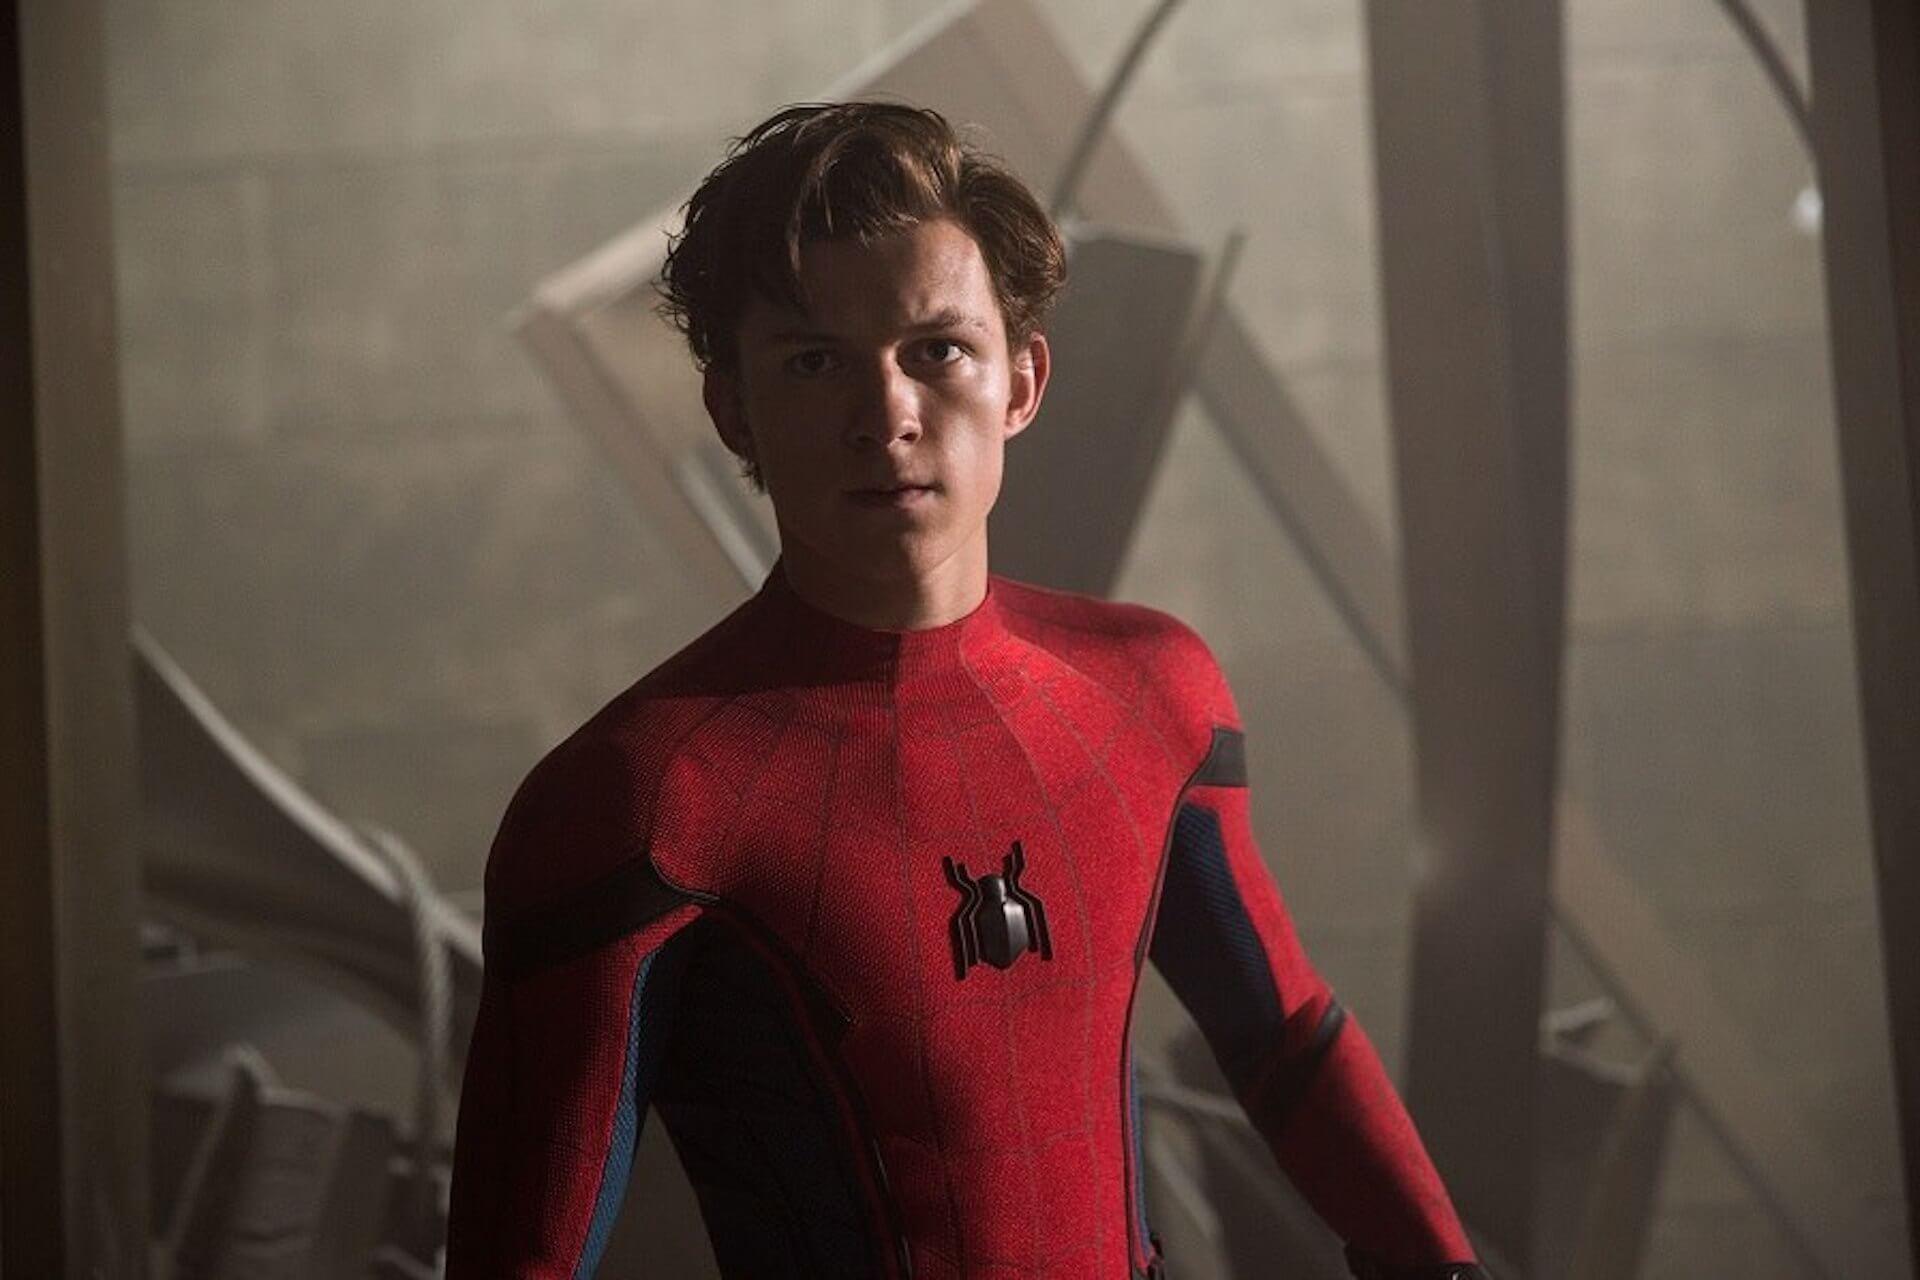 マーベル・スタジオファンに超朗報!「スパイダーマン」がMCUに復帰決定 film190928_spiderman_mcu_main